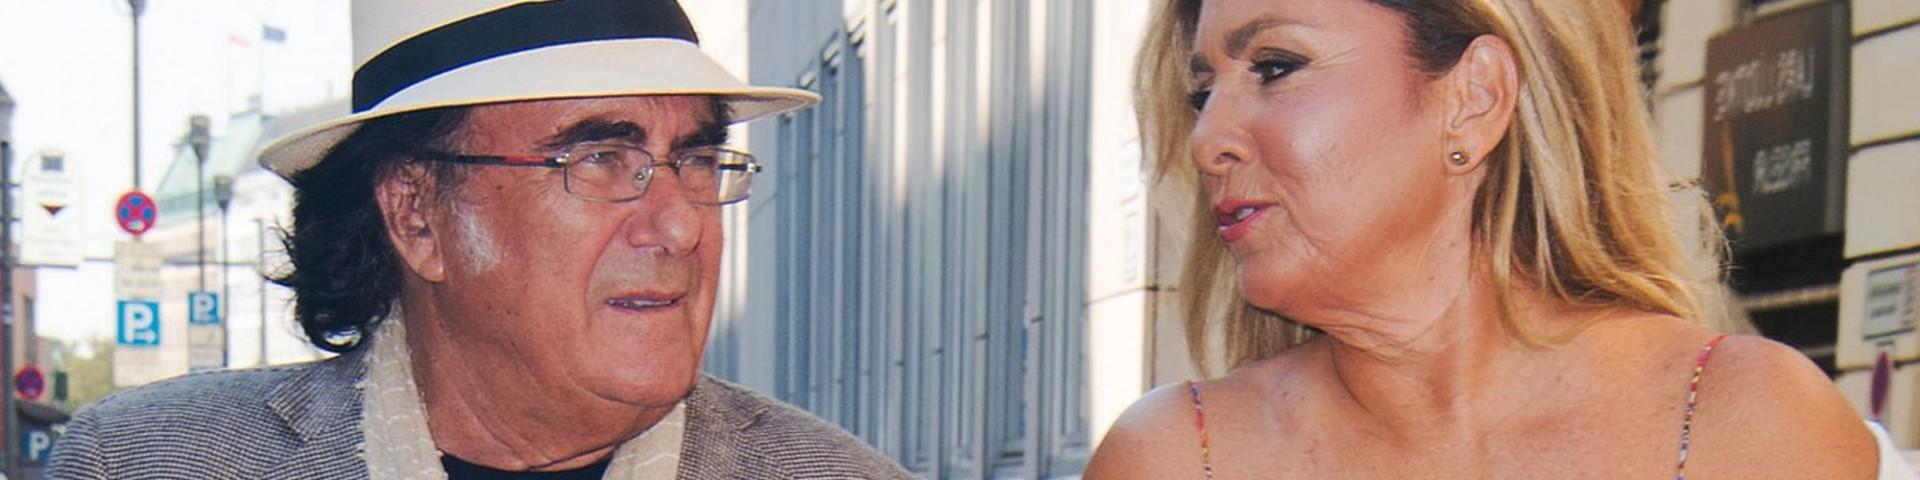 Al Bano e Romina a Sanremo 2020 con una canzone di Cristiano Malgioglio?